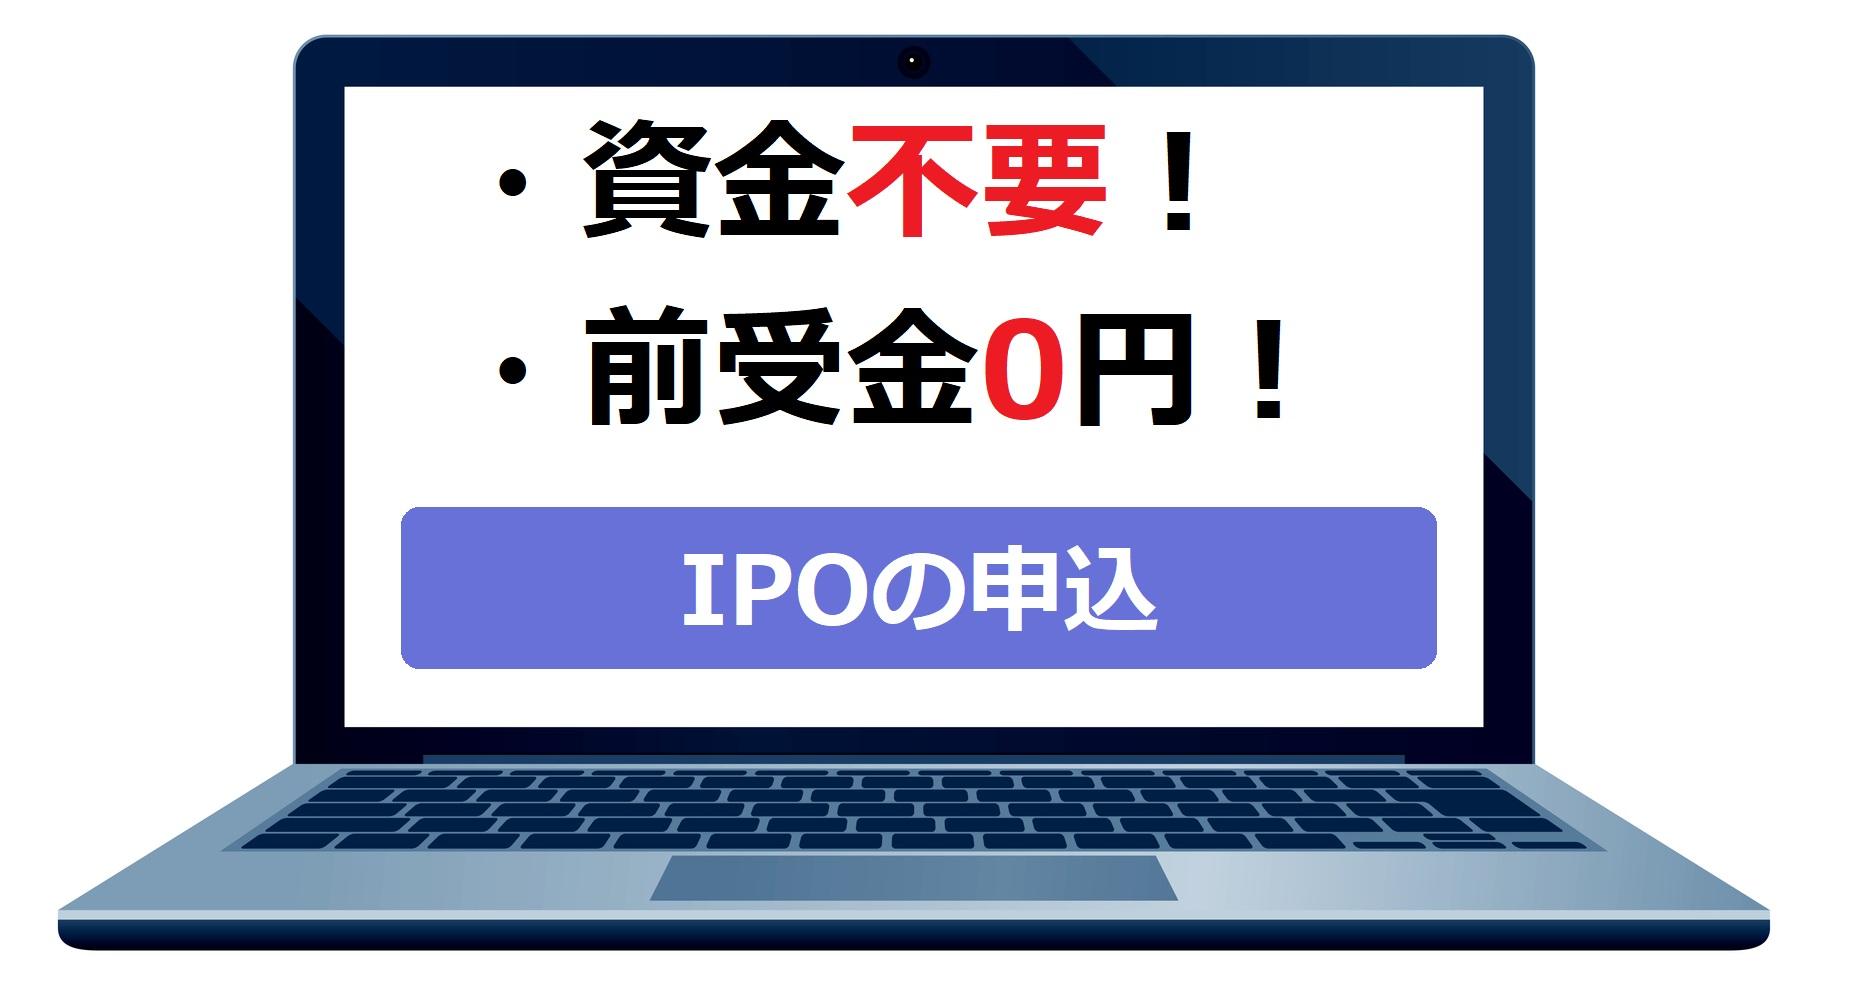 「資金不要」「前受金0円」と表示されたノートパソコン